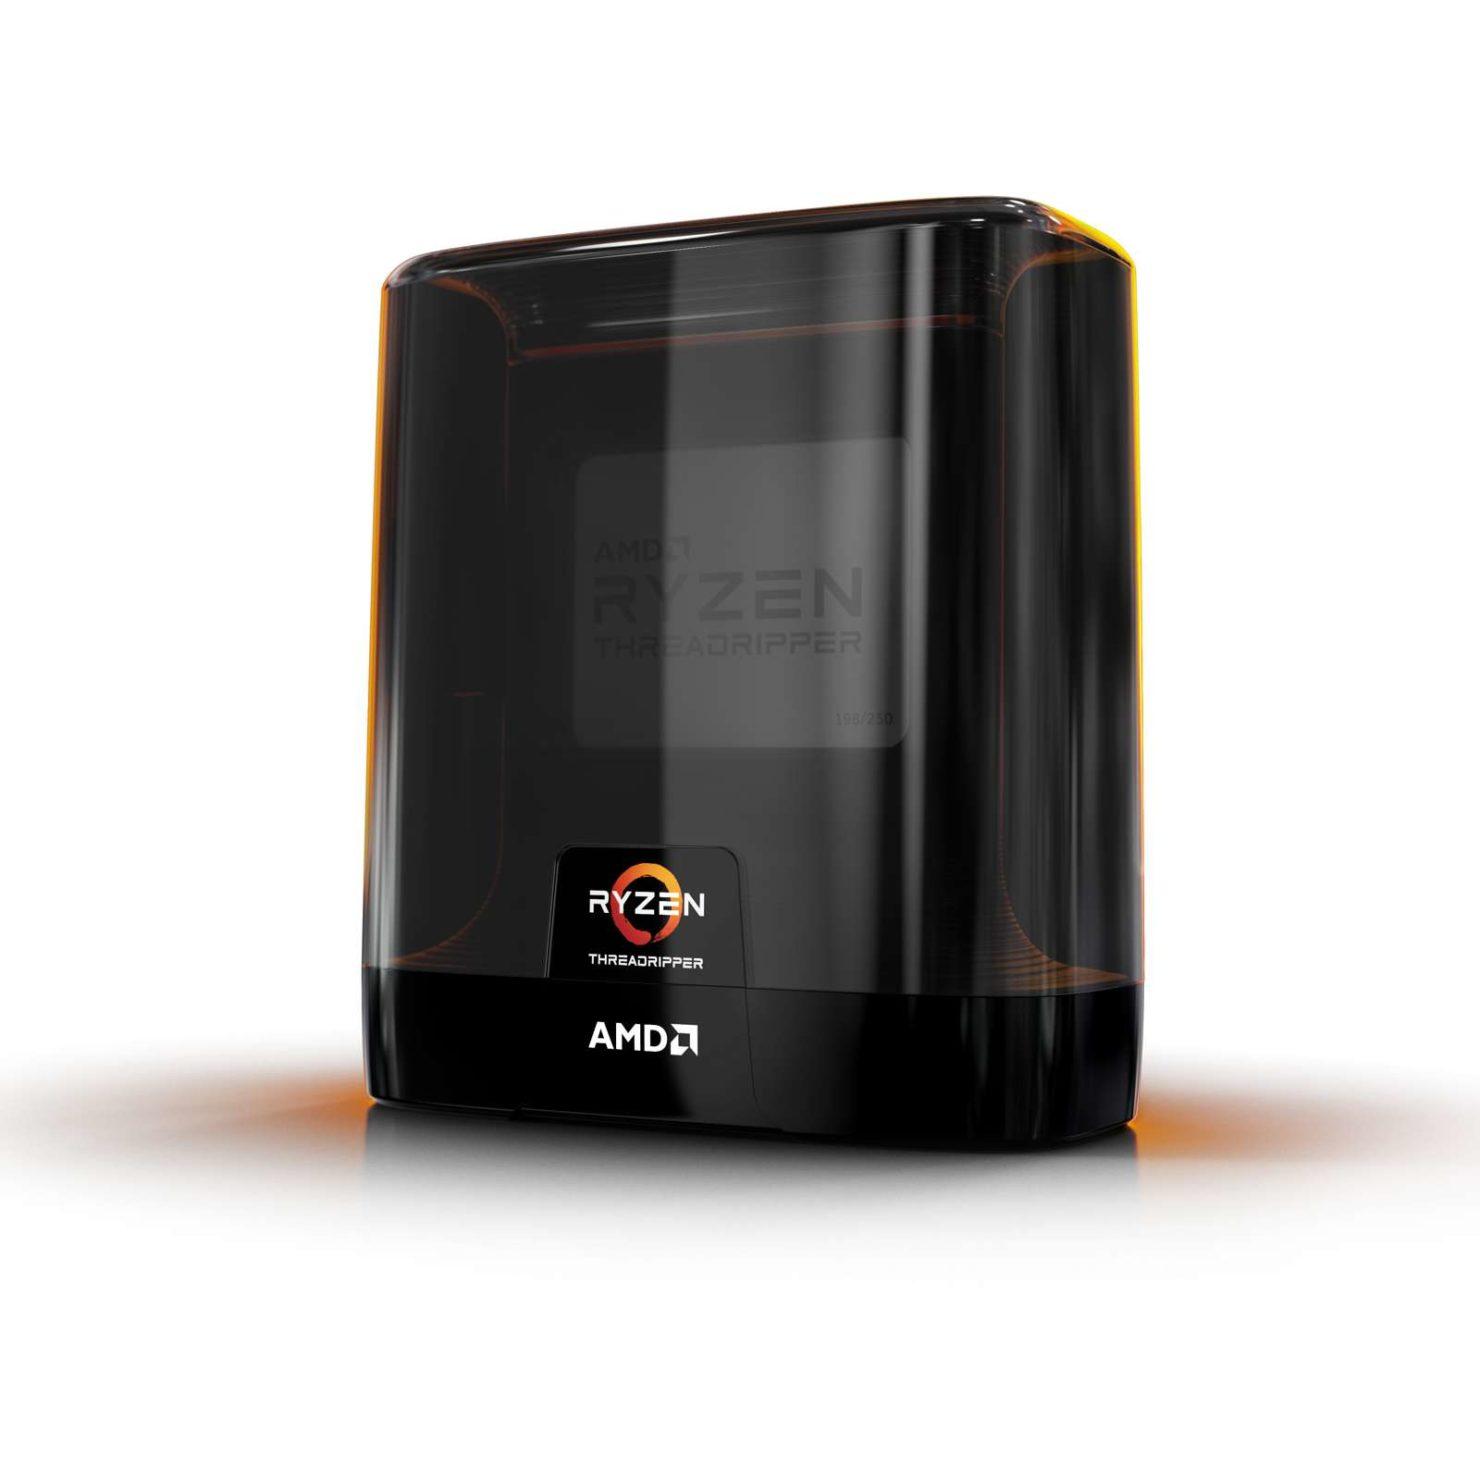 معرفی رسمی پردازندههای نسل سوم AMD Ryzen Threadripper